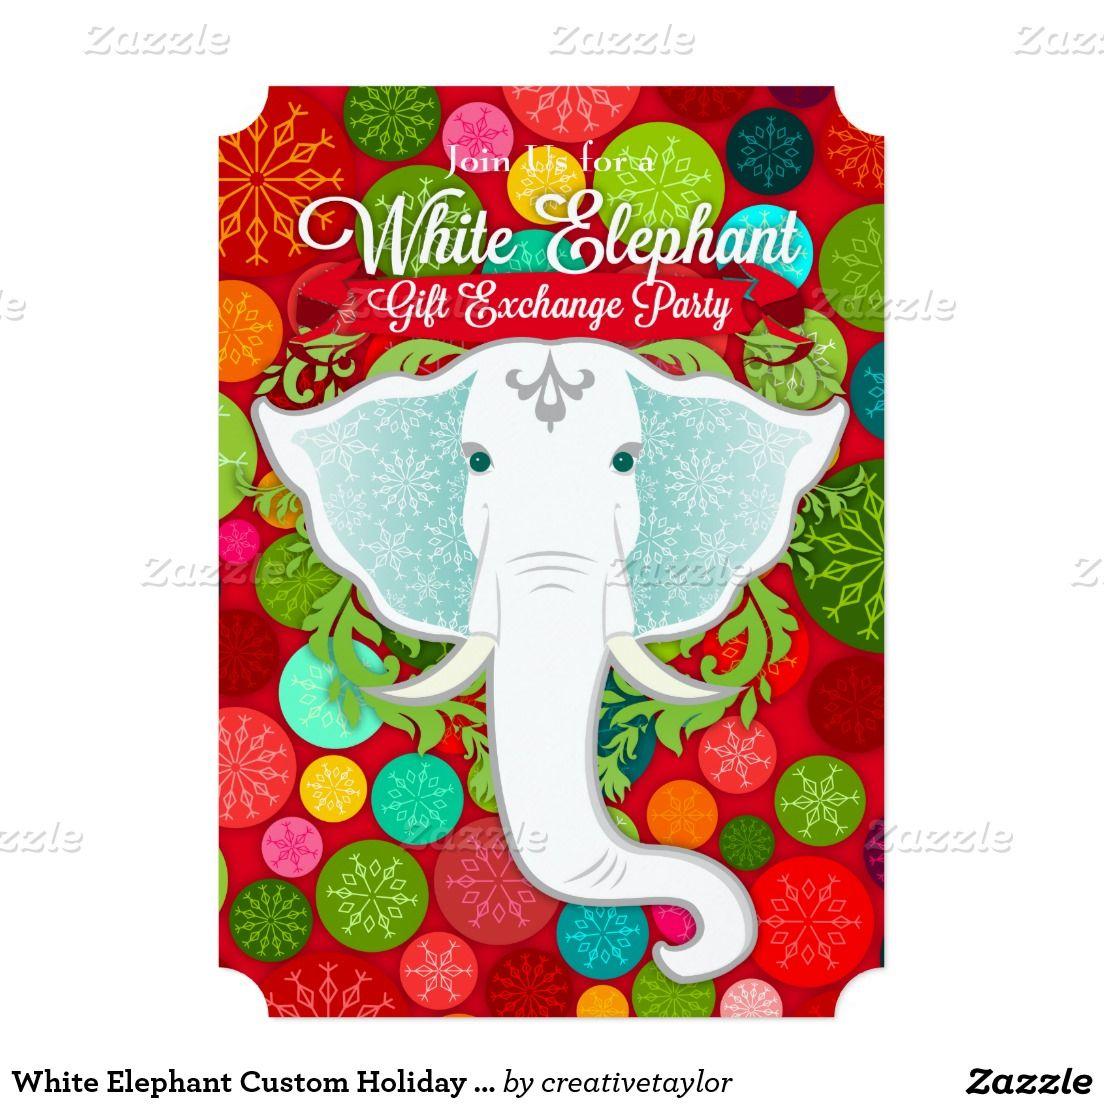 White Elephant Custom Holiday Party Invitations | Zazzler\'s ...